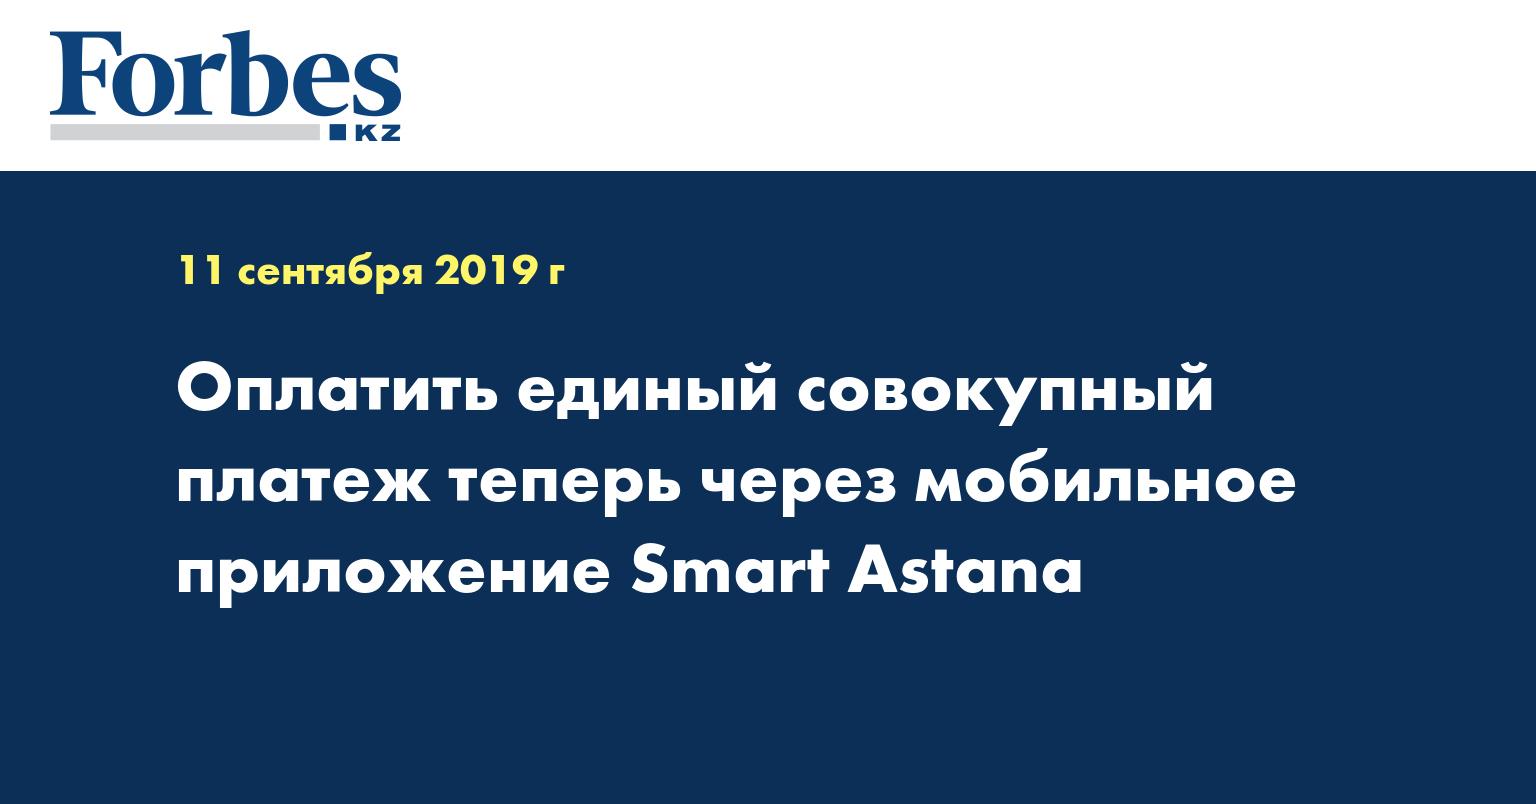 Оплатить единый совокупный платеж теперь через мобильное приложение Smart Astana